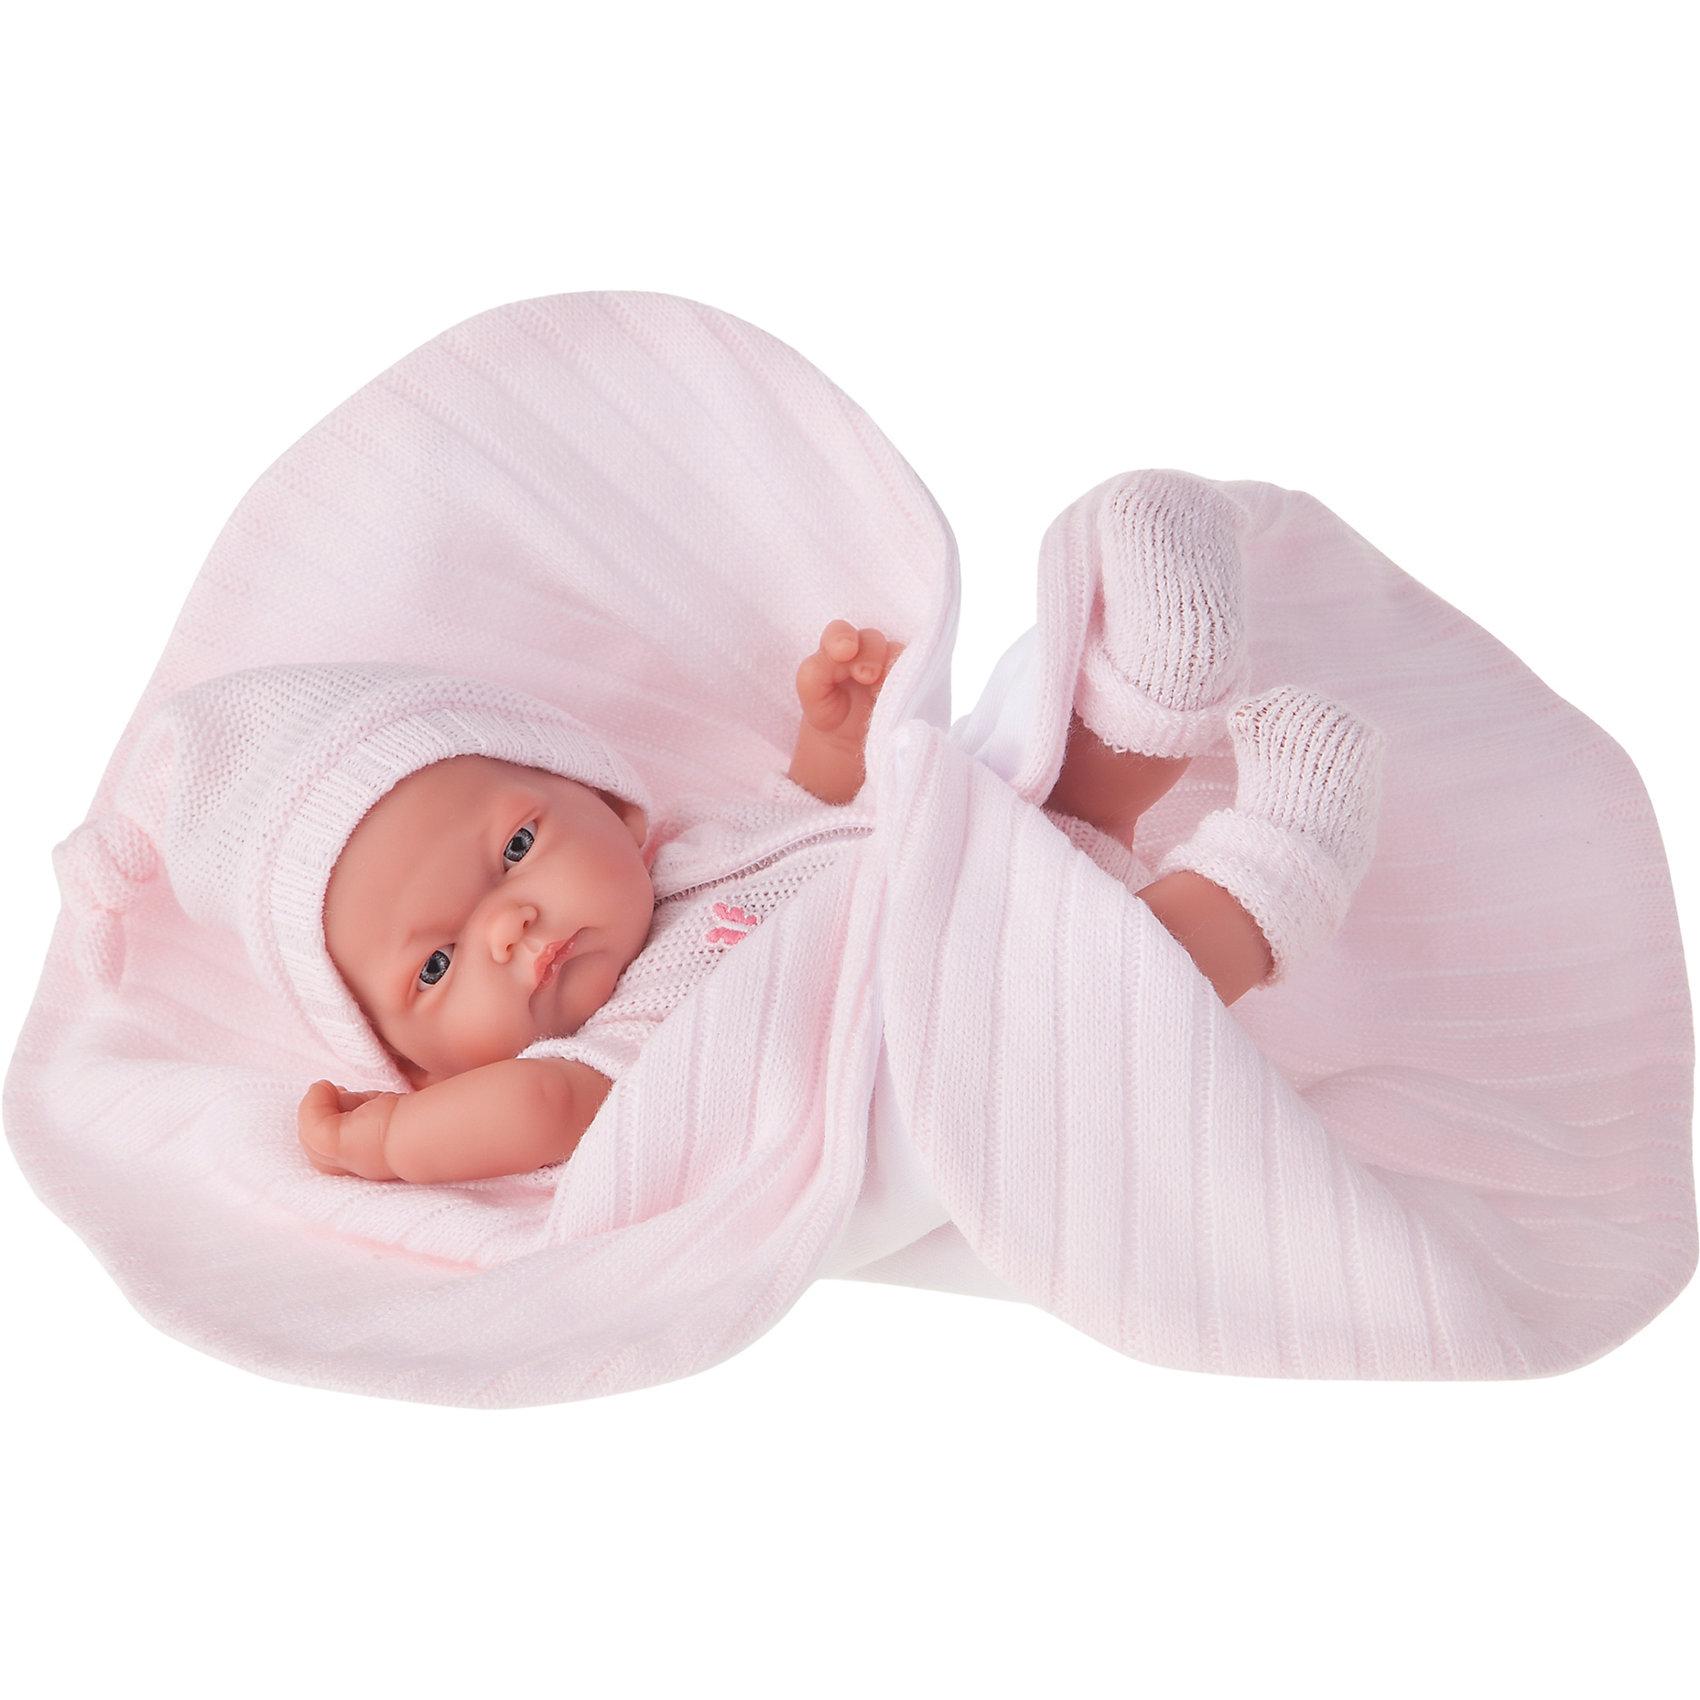 Кукла-младенец Карла в розовом одеяле, 26 см, Munecas Antonio JuanКлассические куклы<br>Кукла-младенец Карла в розовом одеяле, 26 см, Munecas Antonio Juan (Мунекас Антонио Хуан).<br><br>Характеристики:<br><br>- Комплектация: кукла, одеяло<br>- Материал: винил, текстиль<br>- Высота куклы: 26 см.<br>- Глаза не закрываются<br>- Упаковка: яркая подарочная коробка<br><br>Малышка Карла невероятно похожа на настоящего младенца. Анатомическая точность, с которой выполнена кукла, поражает! Выразительные глазки, маленький носик, нежные щечки, пухлые губки, милые «перевязочки» на ручках и ножках придают кукле реалистичный вид и вызывают только самые положительные и добрые эмоции. Карла одета в розовый вязаный комбинезон на застежке с коротким рукавом. Комбинезон дополнен украшением в форме бабочки. На голове вязаная шапочка, а на ножках носочки нежного розового цвета. Верхняя часть шапочки завязана узлом. Кукла лежит на одеяле. С одной стороны одеяло белое флисовое, а с другой стороны - из трикотажа розового цвета. Кукла изготовлена из высококачественного винила с покрытием софт тач, мягкого и приятного на ощупь. Голова, ручки и ножки подвижны. Кукла соответствует всем нормам и требованиям к качеству детских товаров. Образы малышей Мунекас разработаны известными европейскими дизайнерами. Они натуралистичны, анатомически точны.<br><br>Куклу-младенца Карла в розовом одеяле, 26 см, Munecas Antonio Juan (Мунекас Антонио Хуан) можно купить в нашем интернет-магазине.<br><br>Ширина мм: 35<br>Глубина мм: 20<br>Высота мм: 12<br>Вес г: 670<br>Возраст от месяцев: 36<br>Возраст до месяцев: 2147483647<br>Пол: Женский<br>Возраст: Детский<br>SKU: 5055420